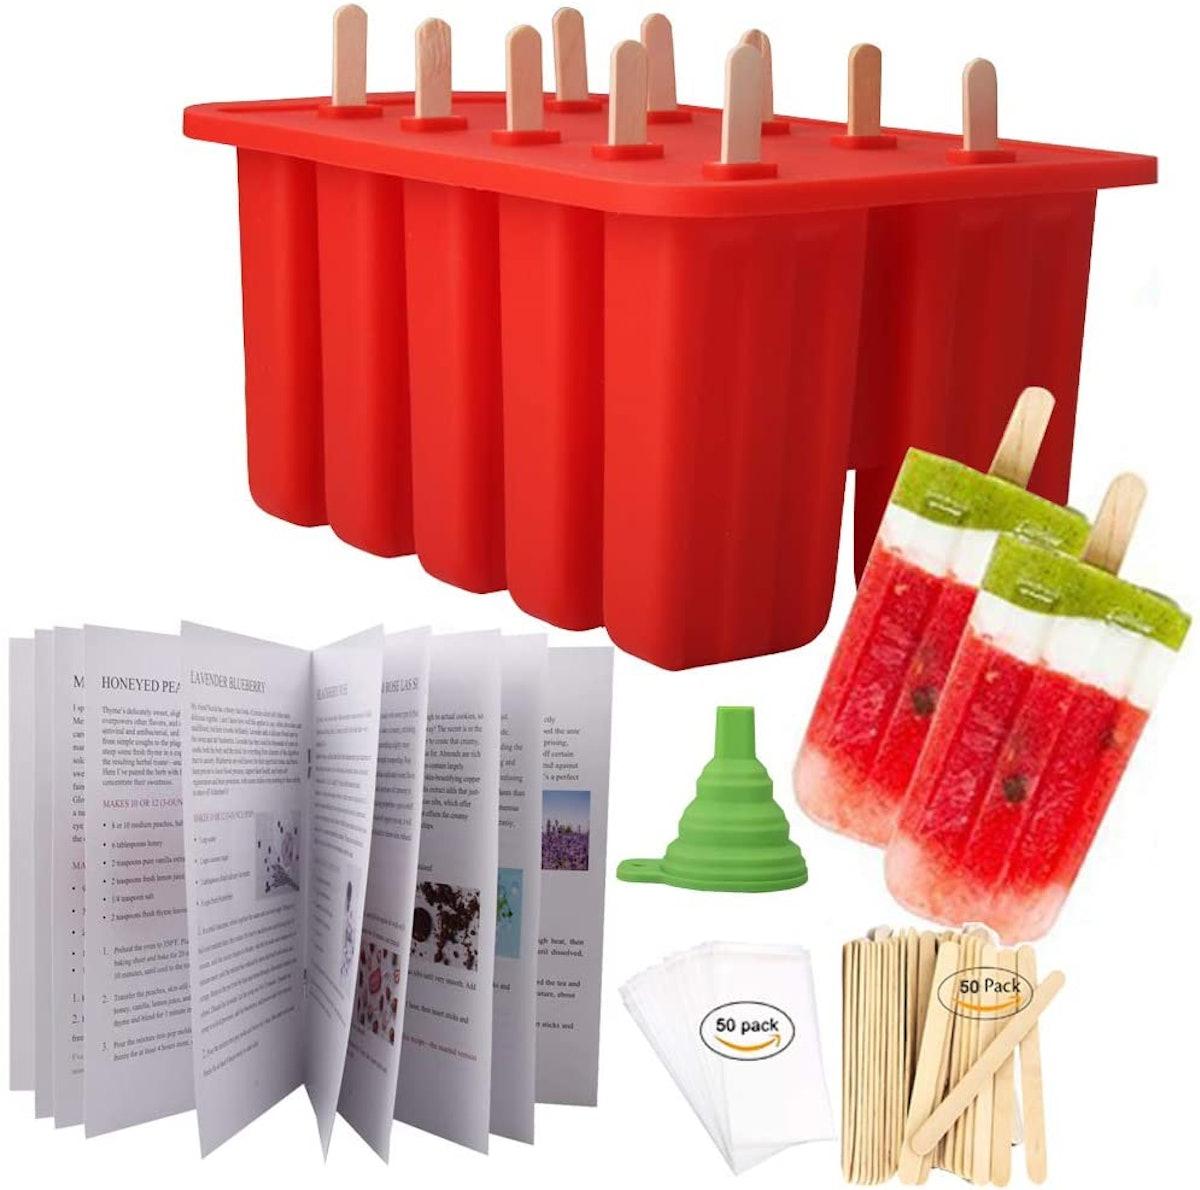 Homemade Popsicle Molds & Kit